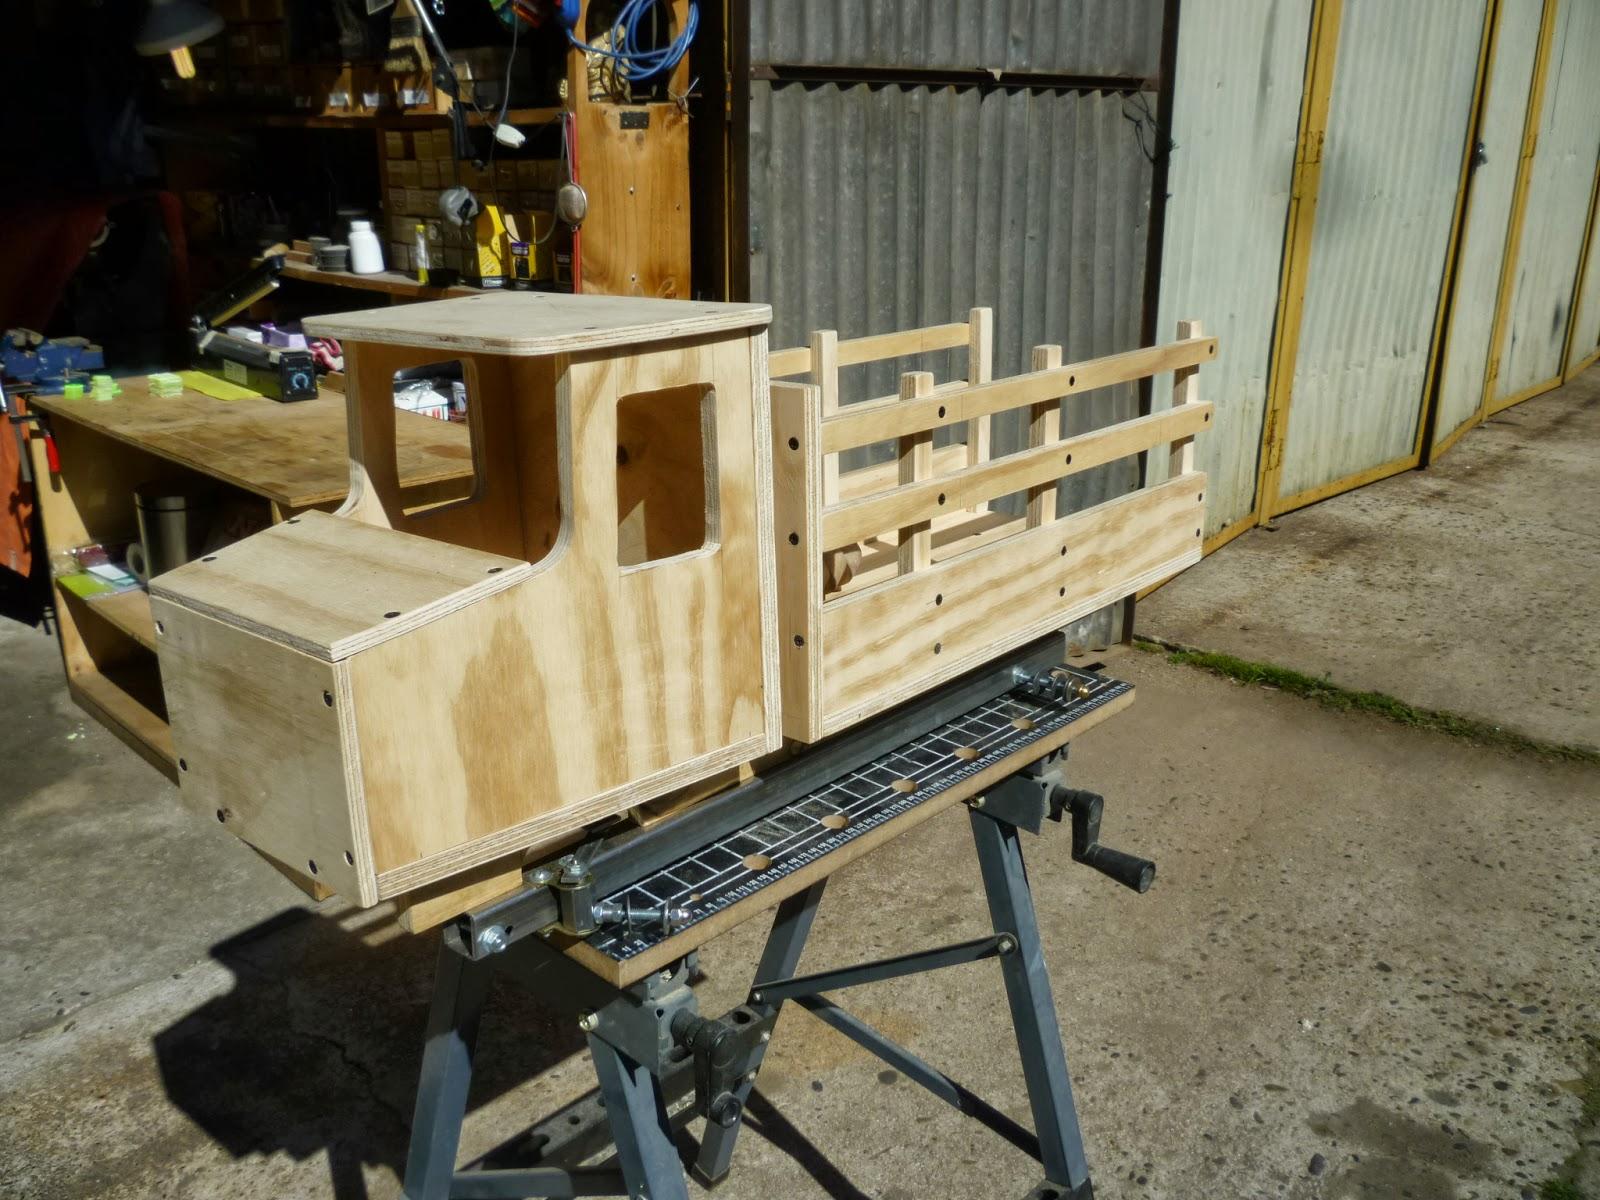 Trabajos Manuales Camion De Madera - Trabajos-manuales-en-madera